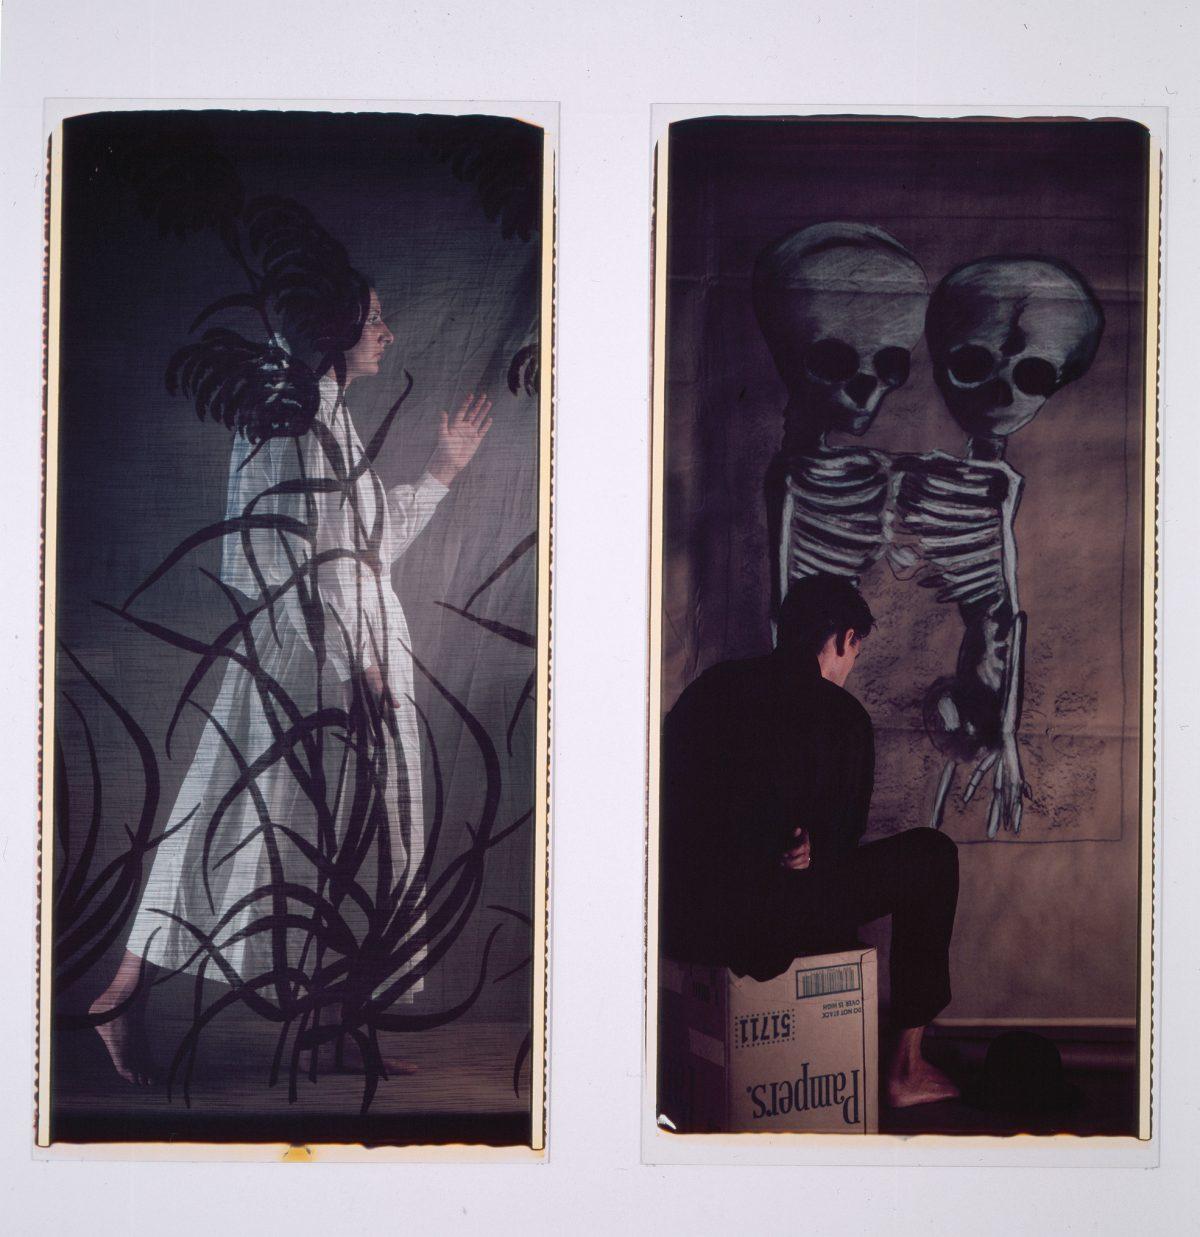 Modus vivendi, 1985, Abramovic et Ulay, 2 épreuves Polaroid couleur.